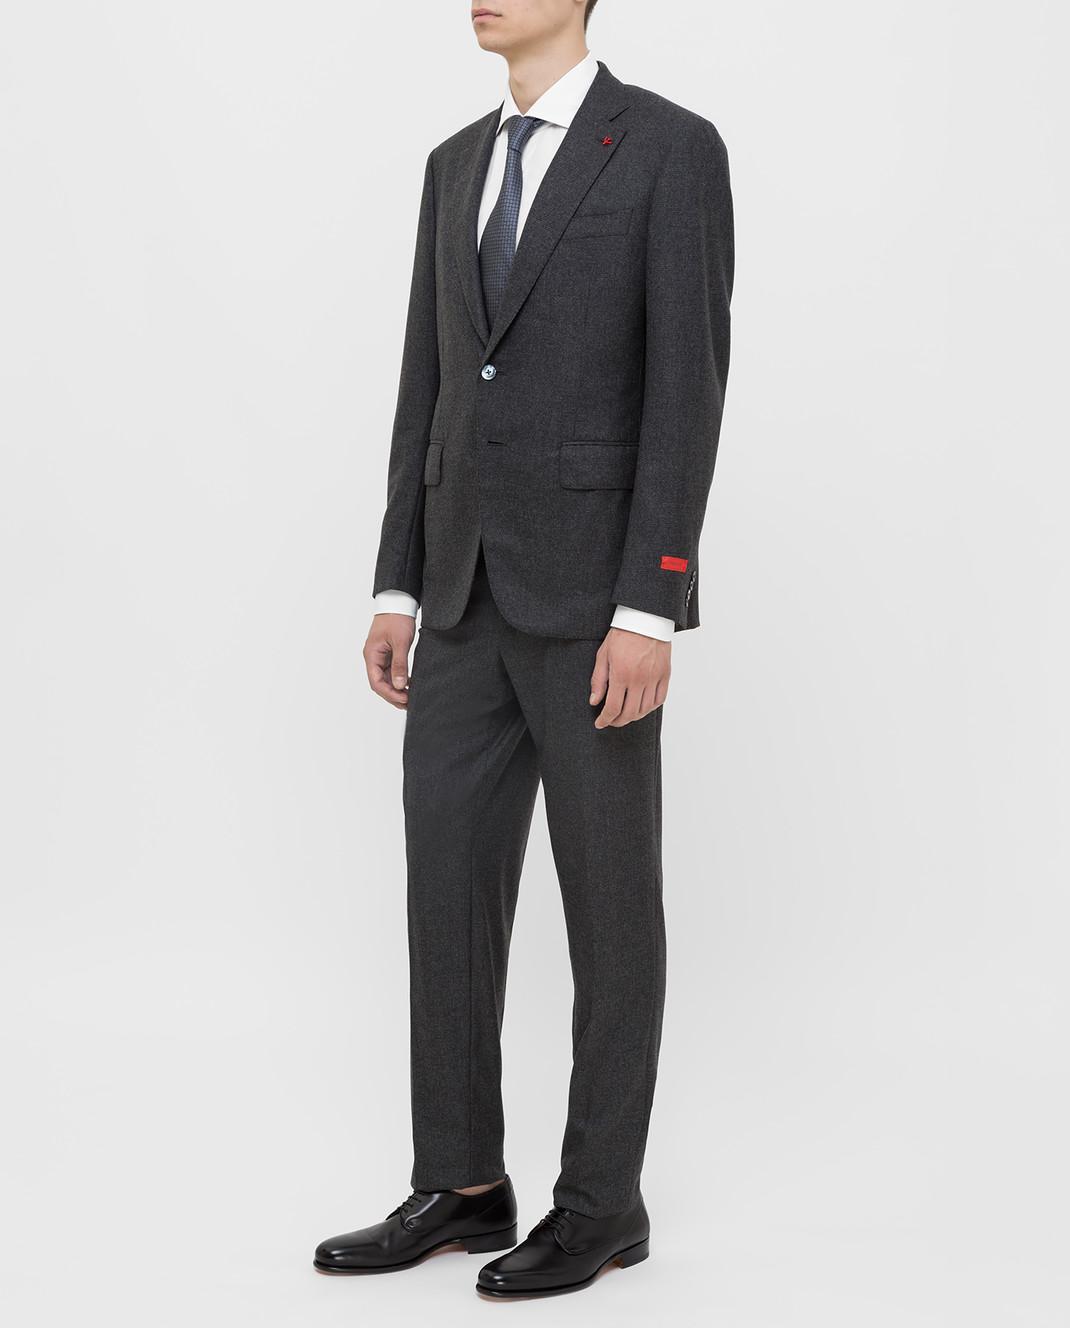 ISAIA Серый костюм из шерсти и кашемира 224ASI89681 изображение 3